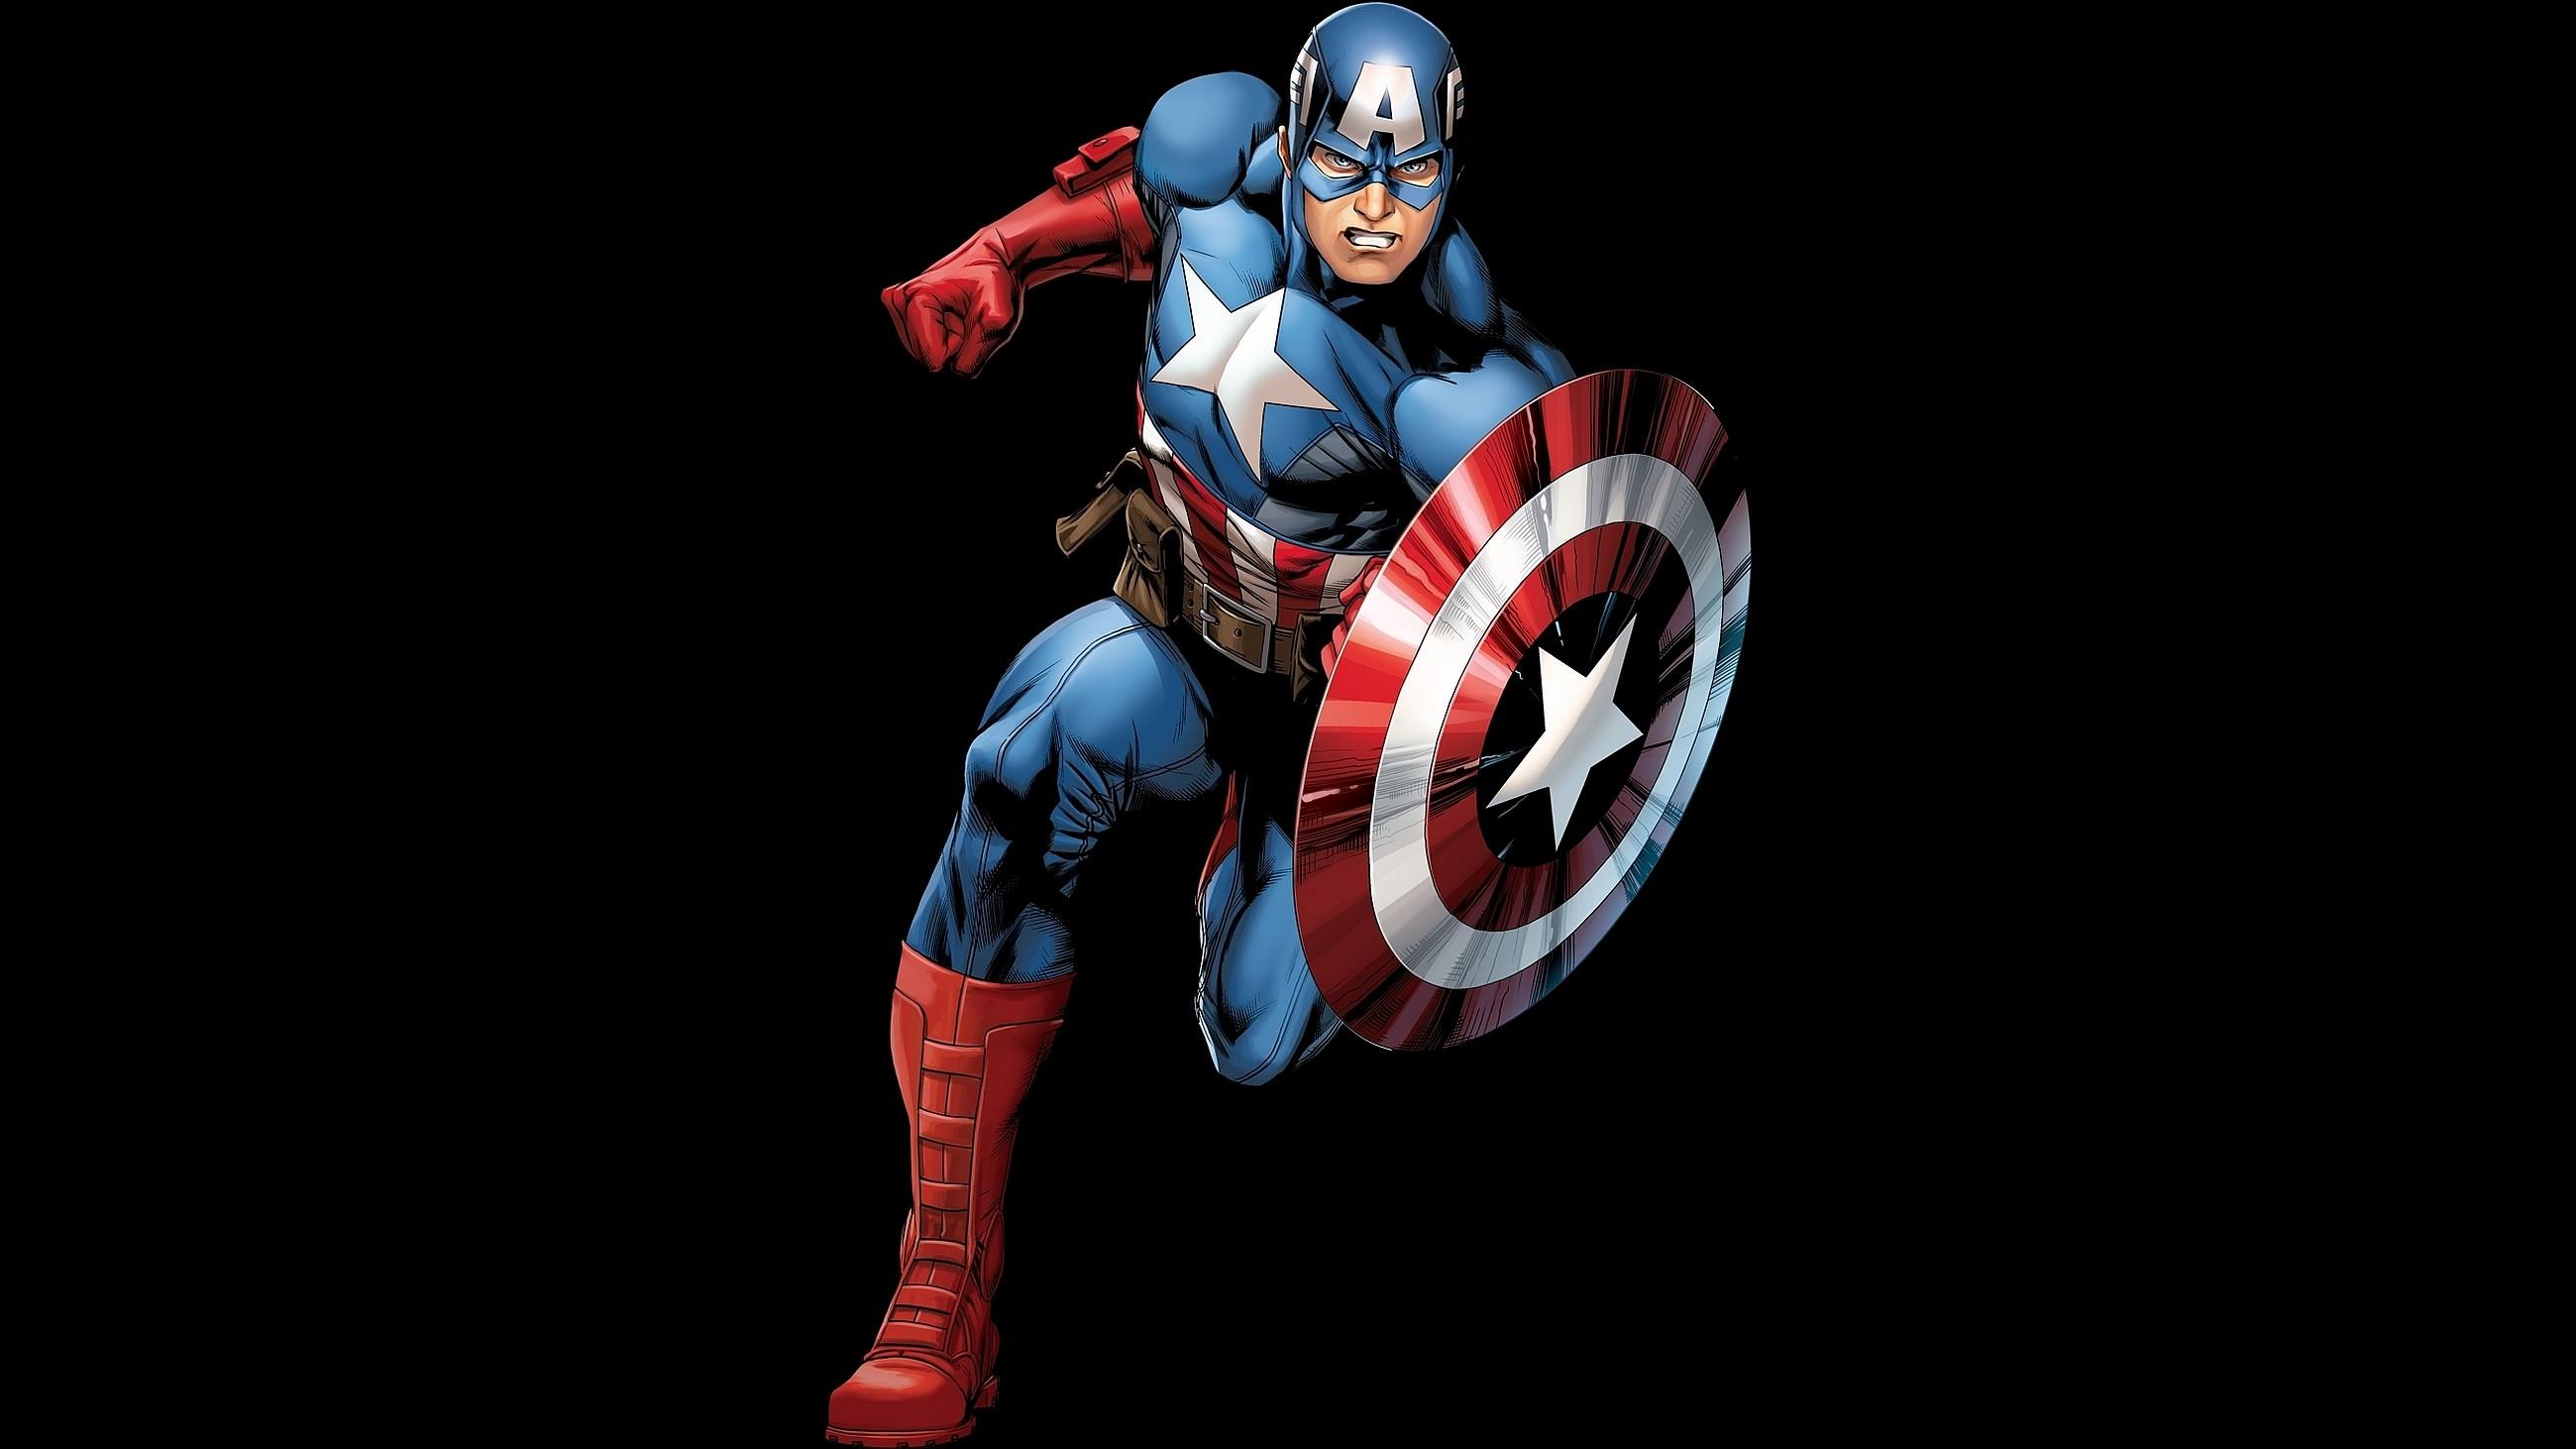 Marvel Super Heroes Wallpaper (71+ images)